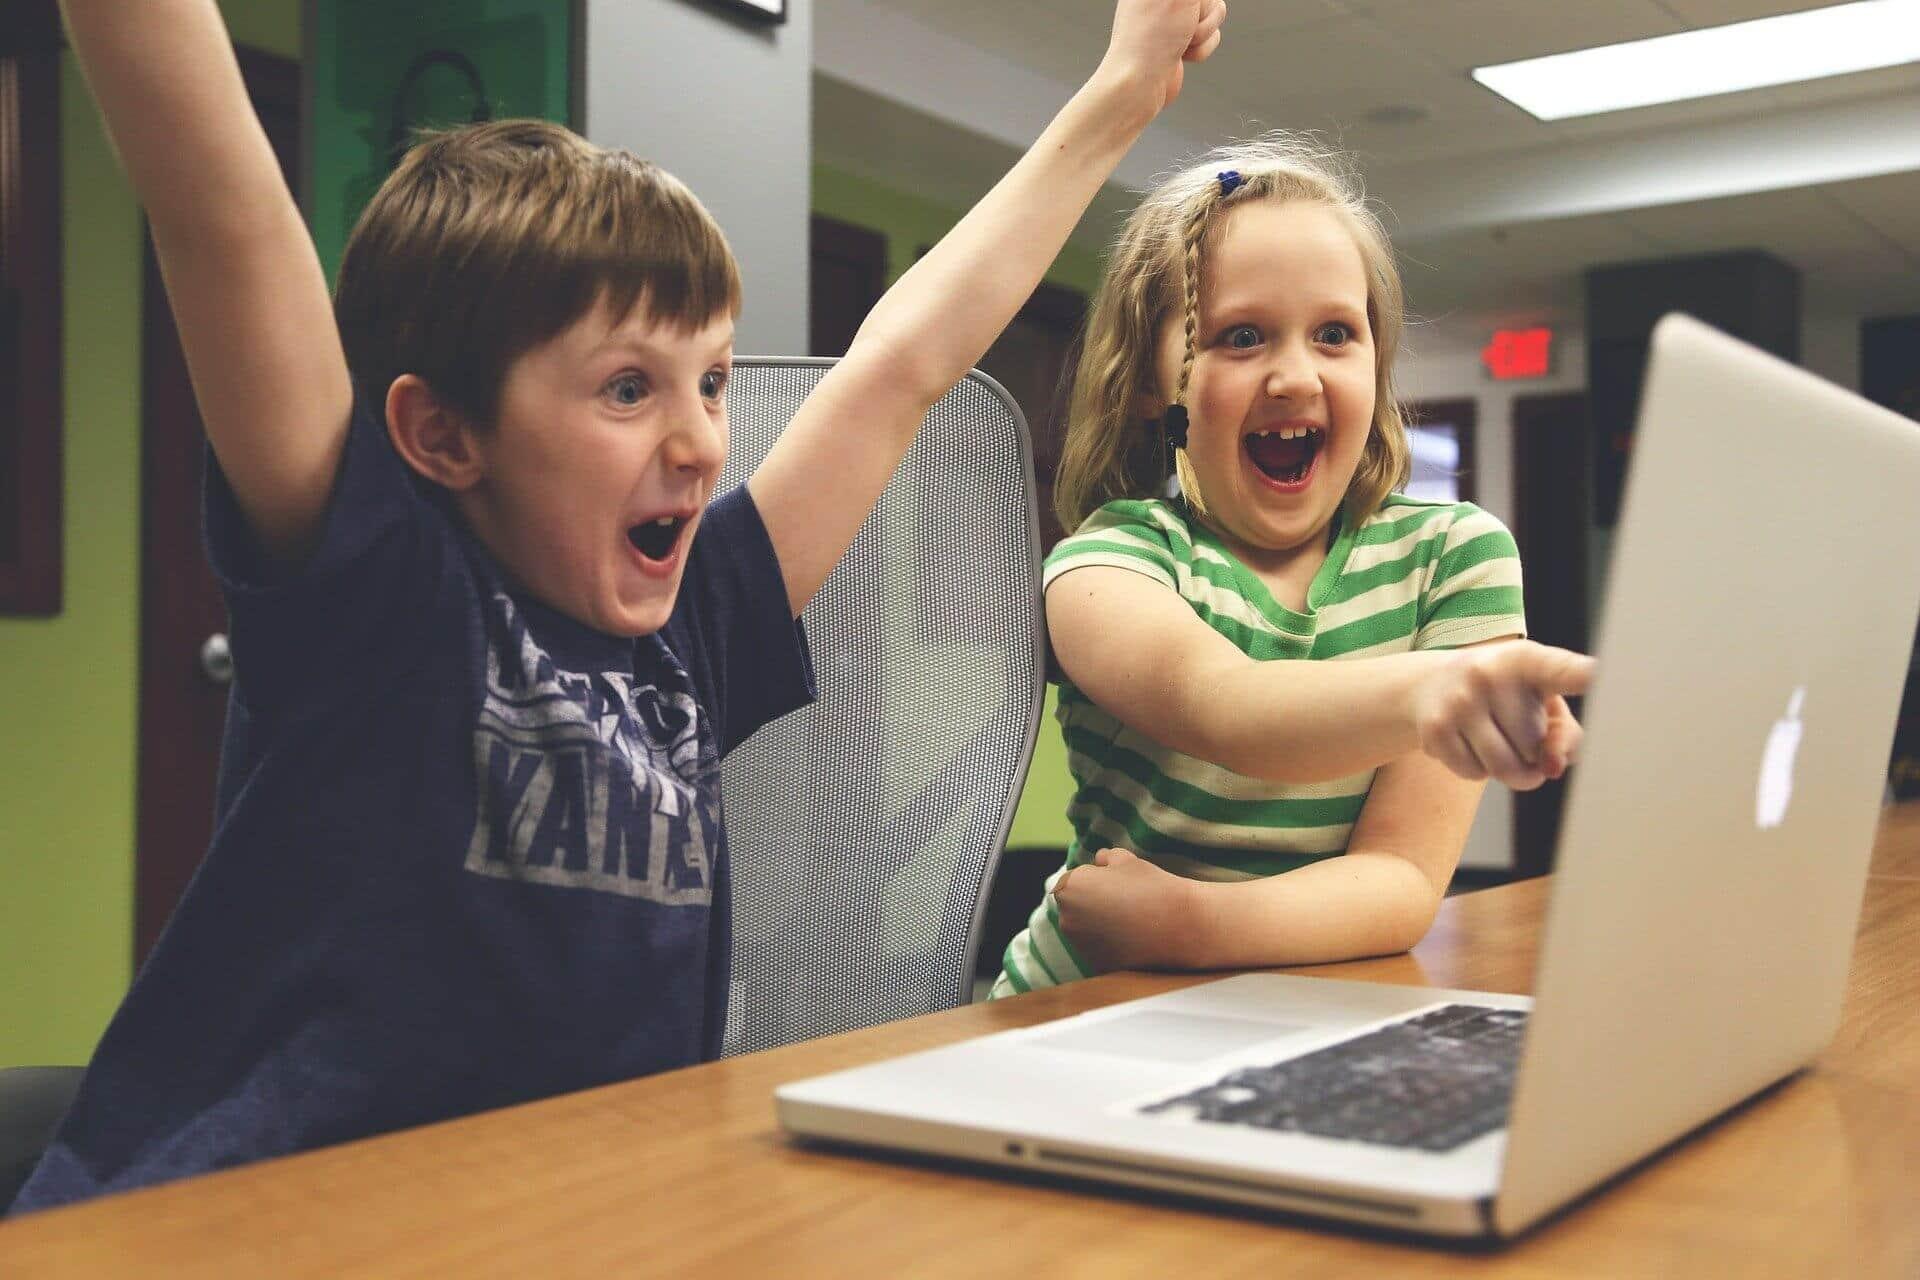 Риски, связанные с публикацией детских фотографий в соцсетях